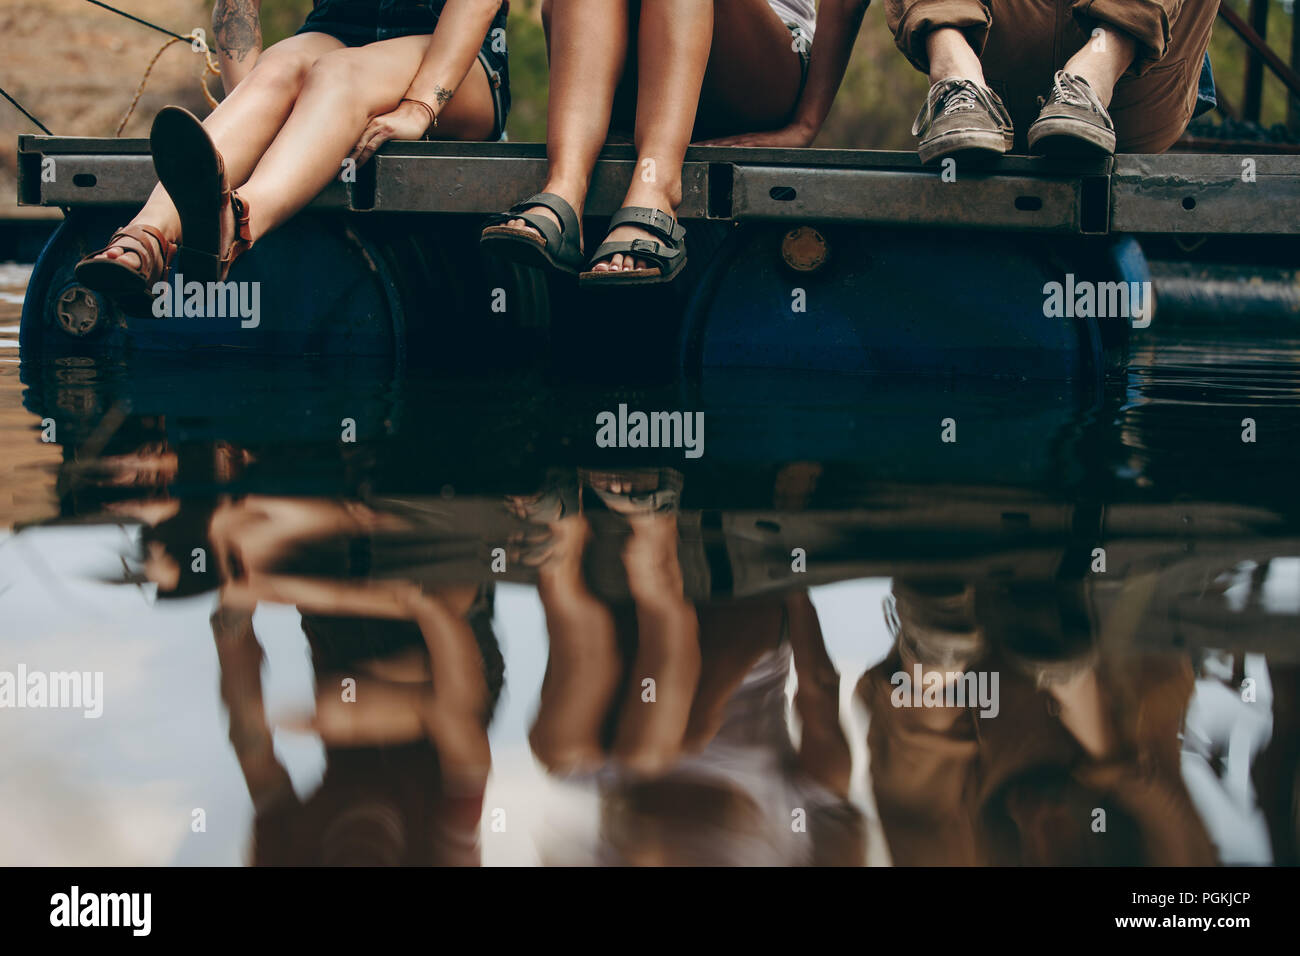 Gli amici su una vacanza seduti insieme su un bacino galleggiante in plastica barili. Gli amici seduti vicino al lago con il loro riflesso nell'acqua. Immagini Stock